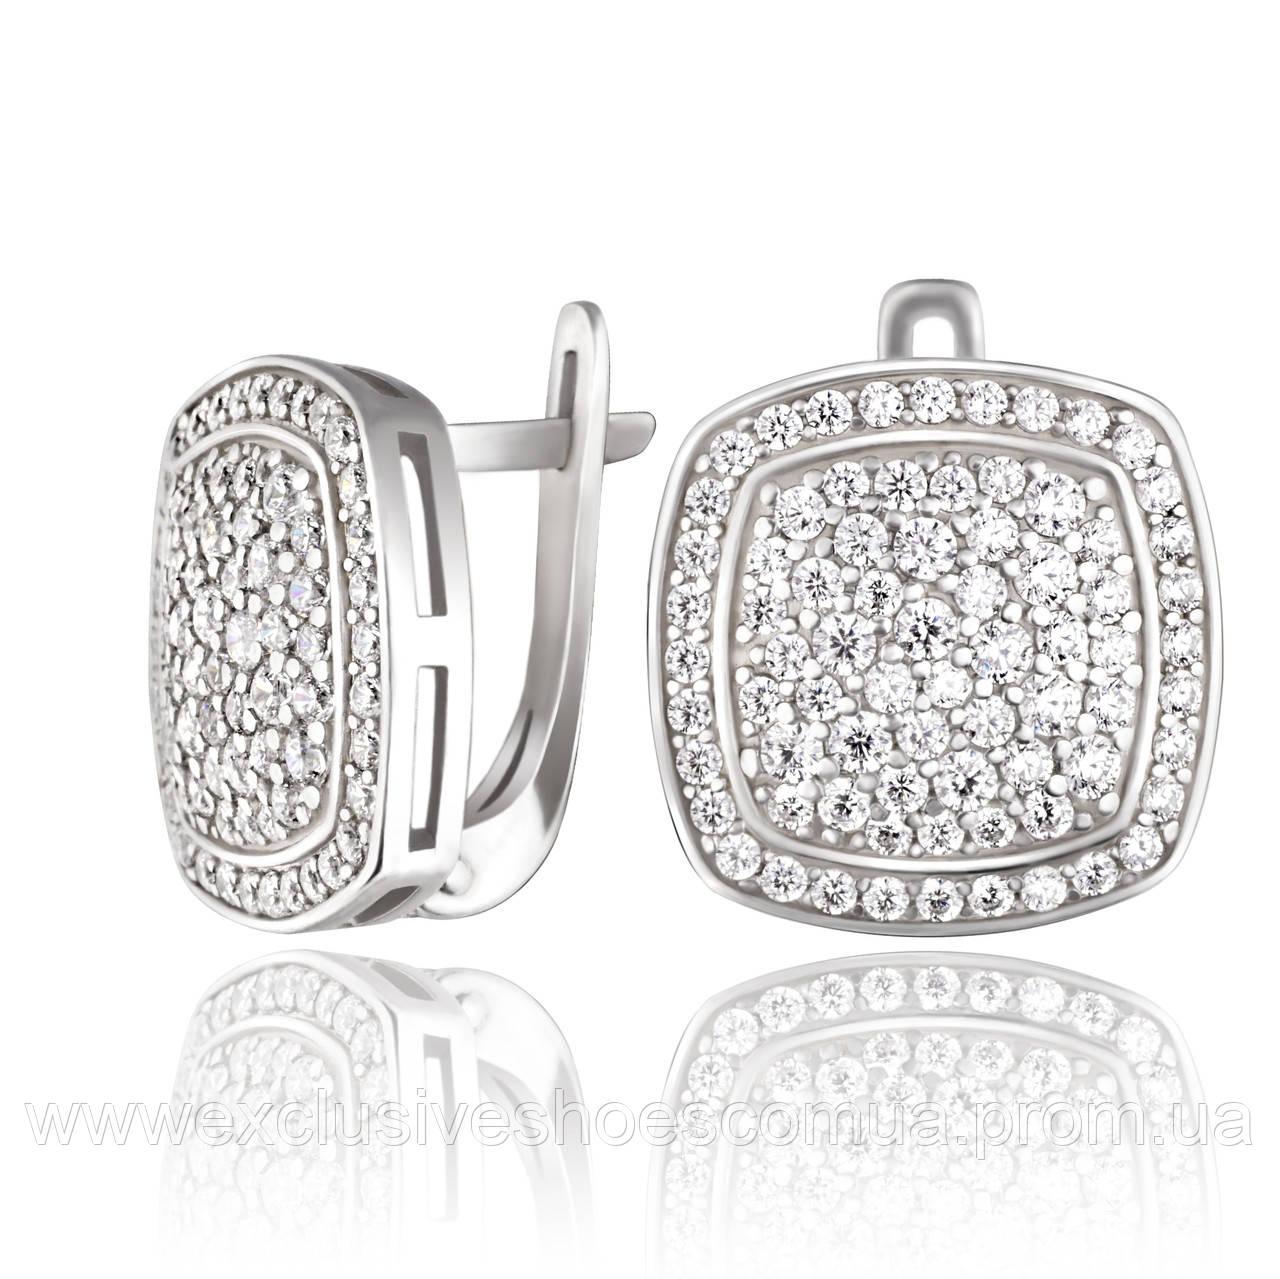 """Серебряные серьги """"Эмперио"""" с белыми фианитами, арт-920149б"""